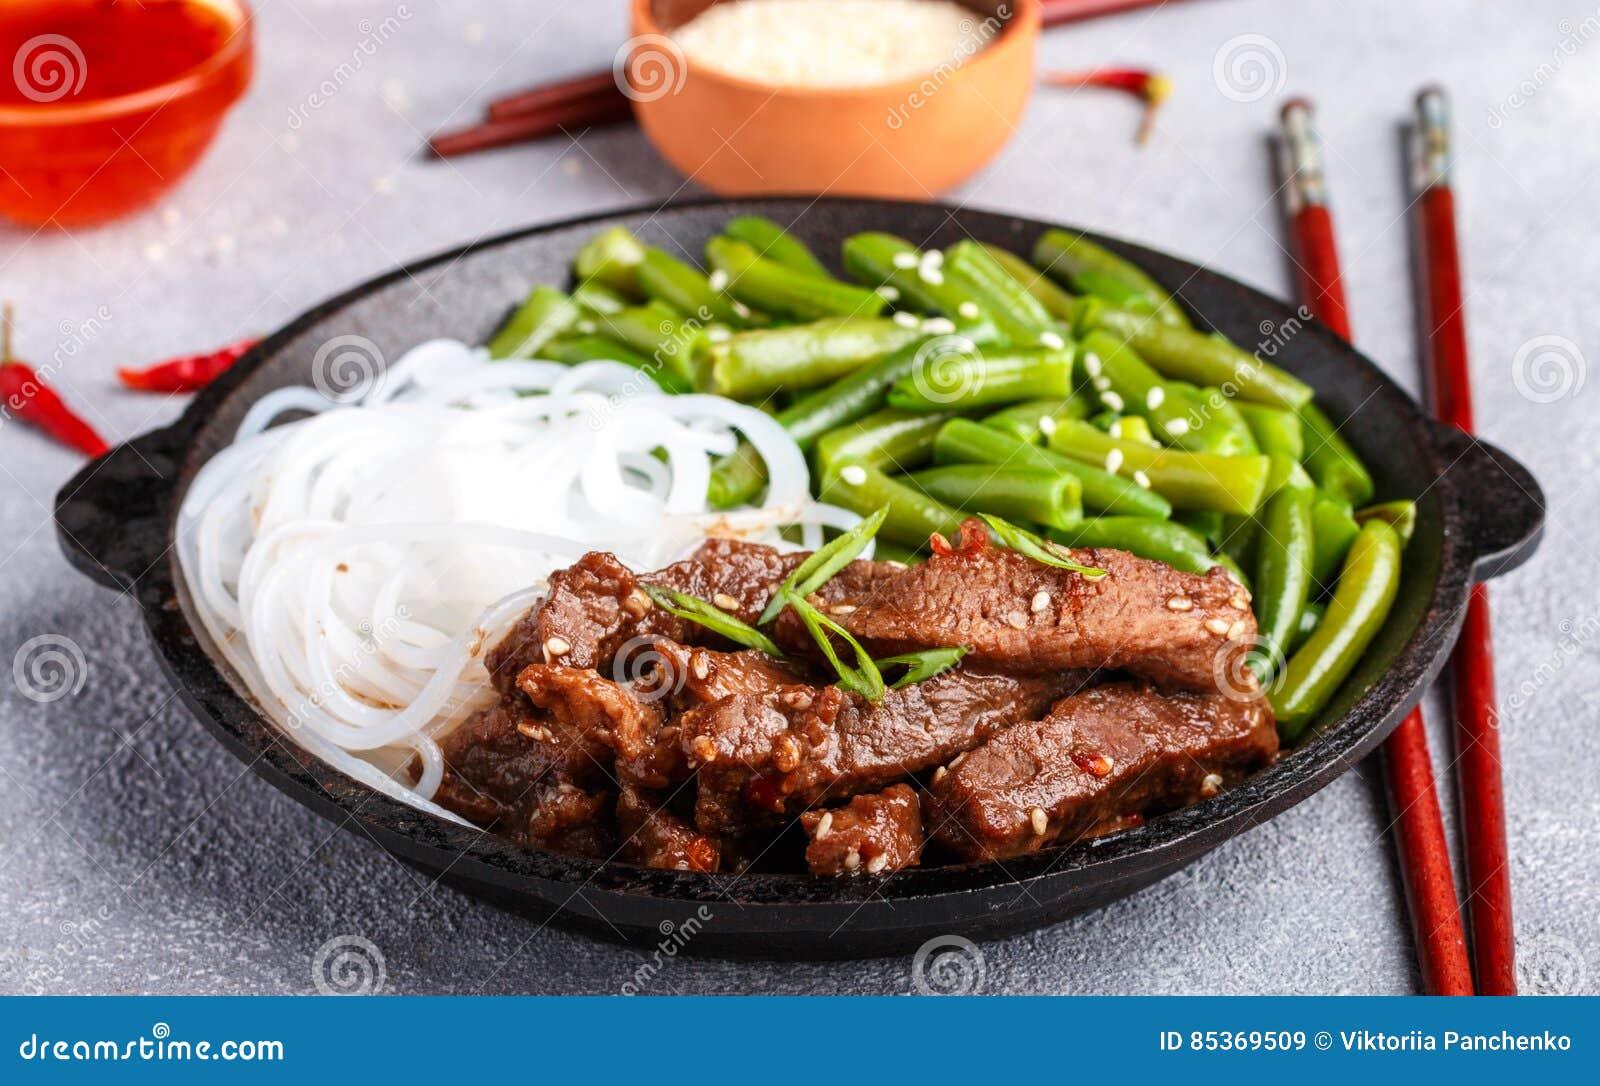 Carne de vaca picante frita con las semillas de sésamo, las habas verdes y los tallarines de arroz